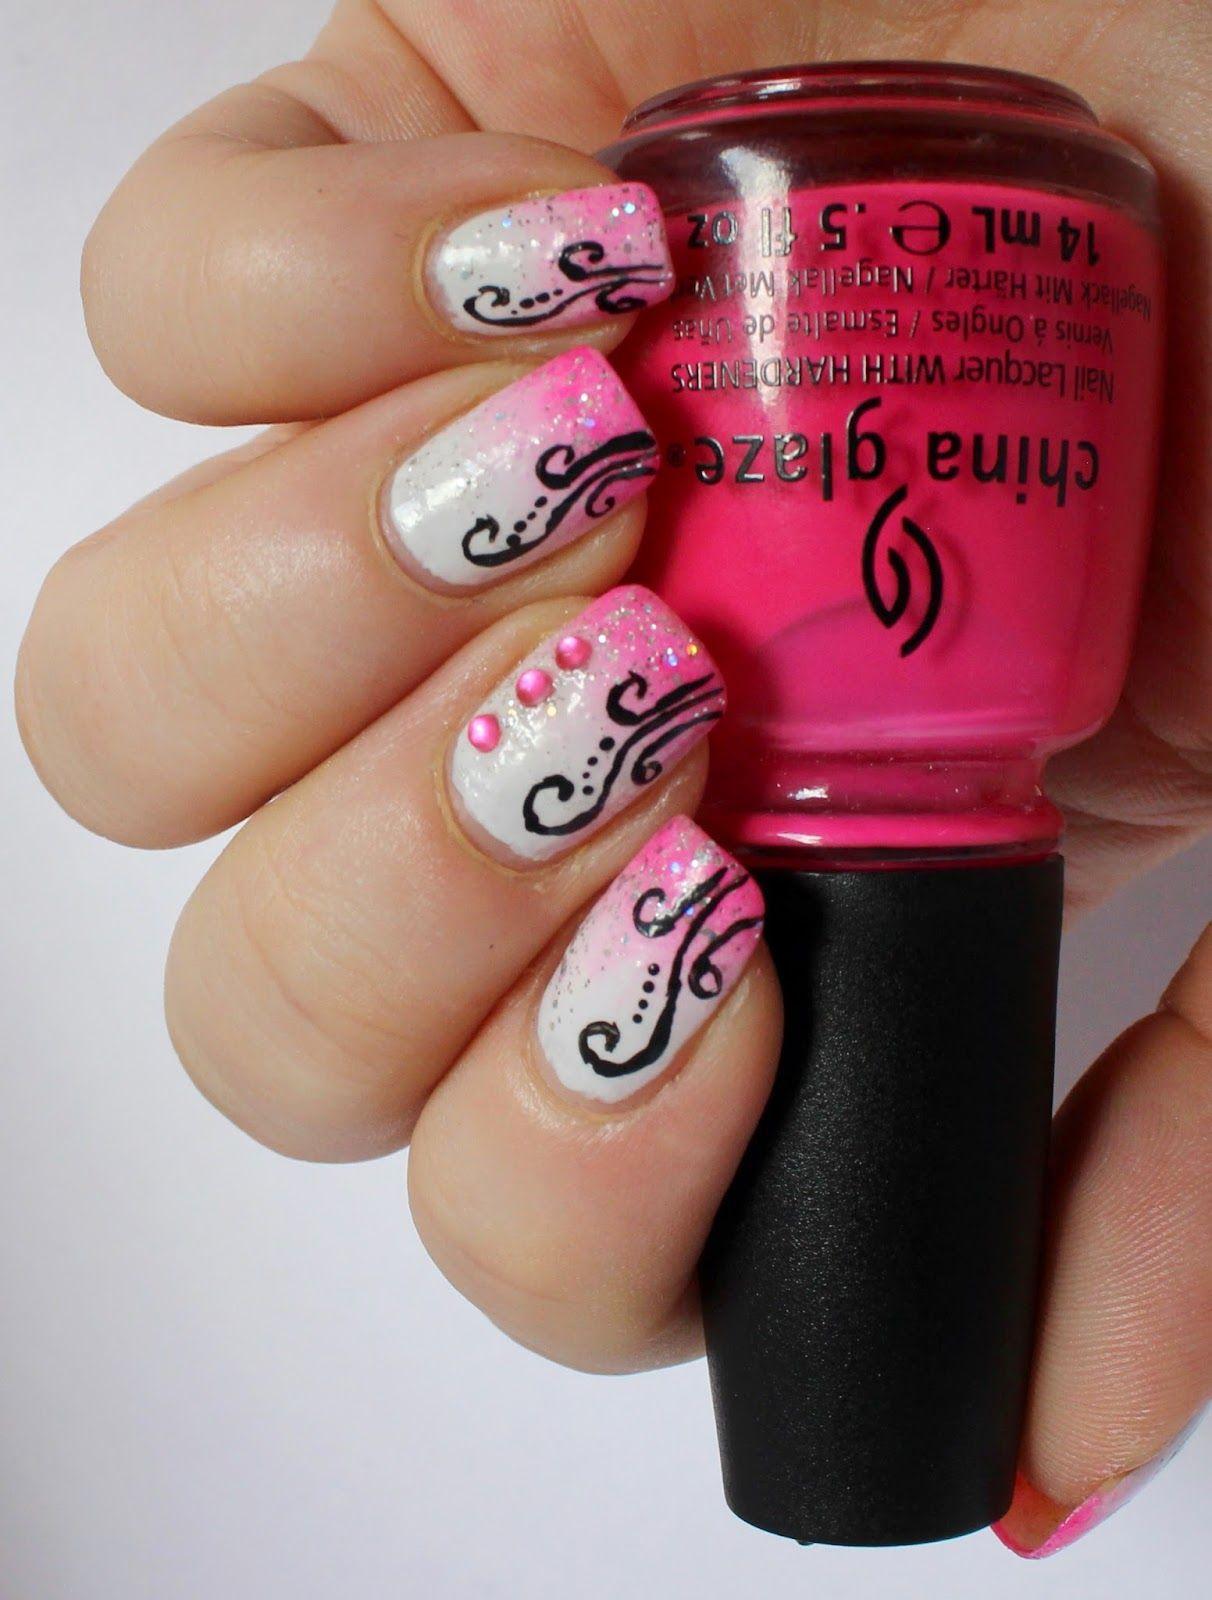 Goodly Nails: Liukuvärjäystä